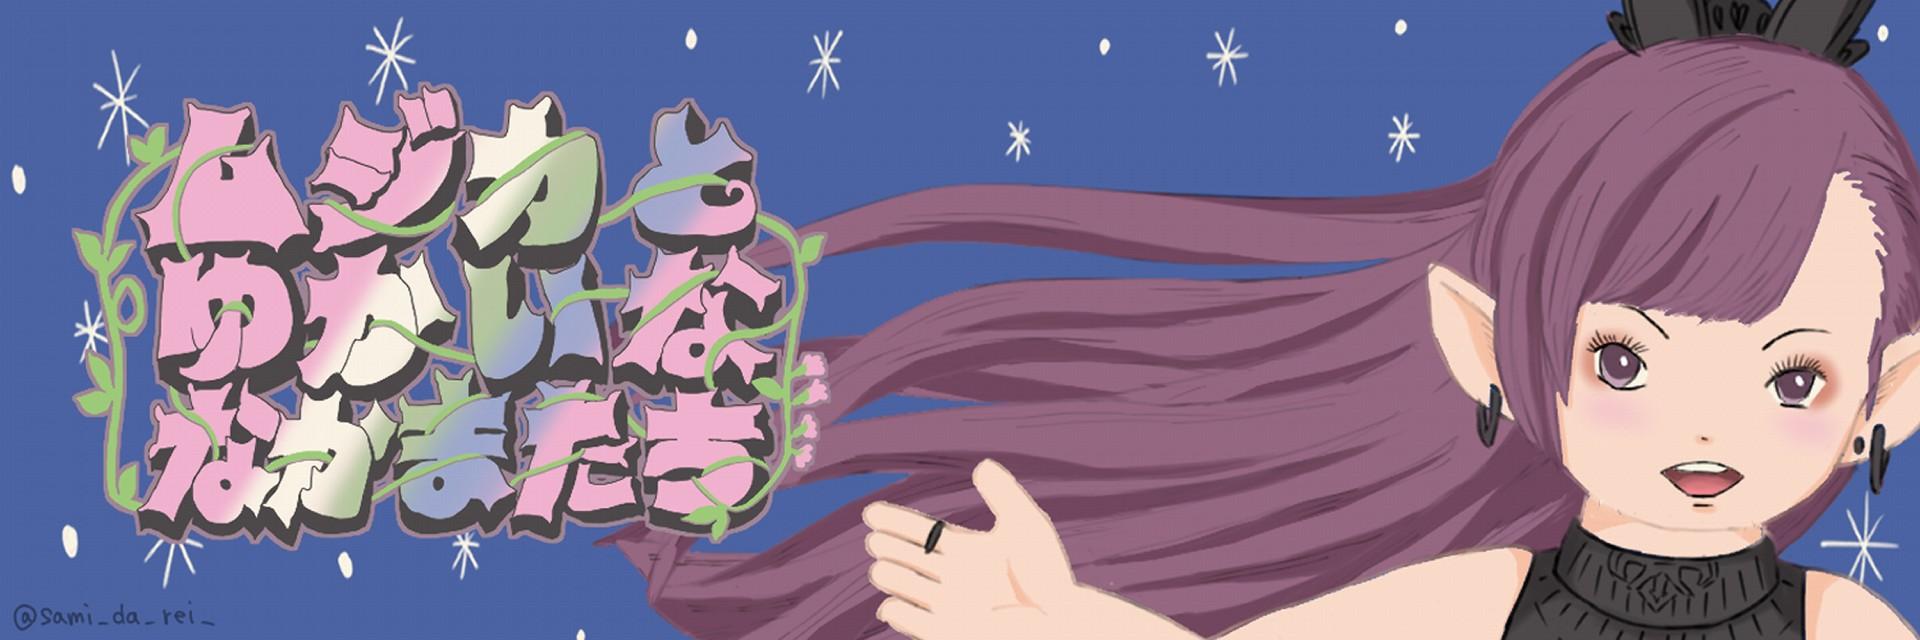 f:id:ryoushitsu-musica:20210928150440j:image